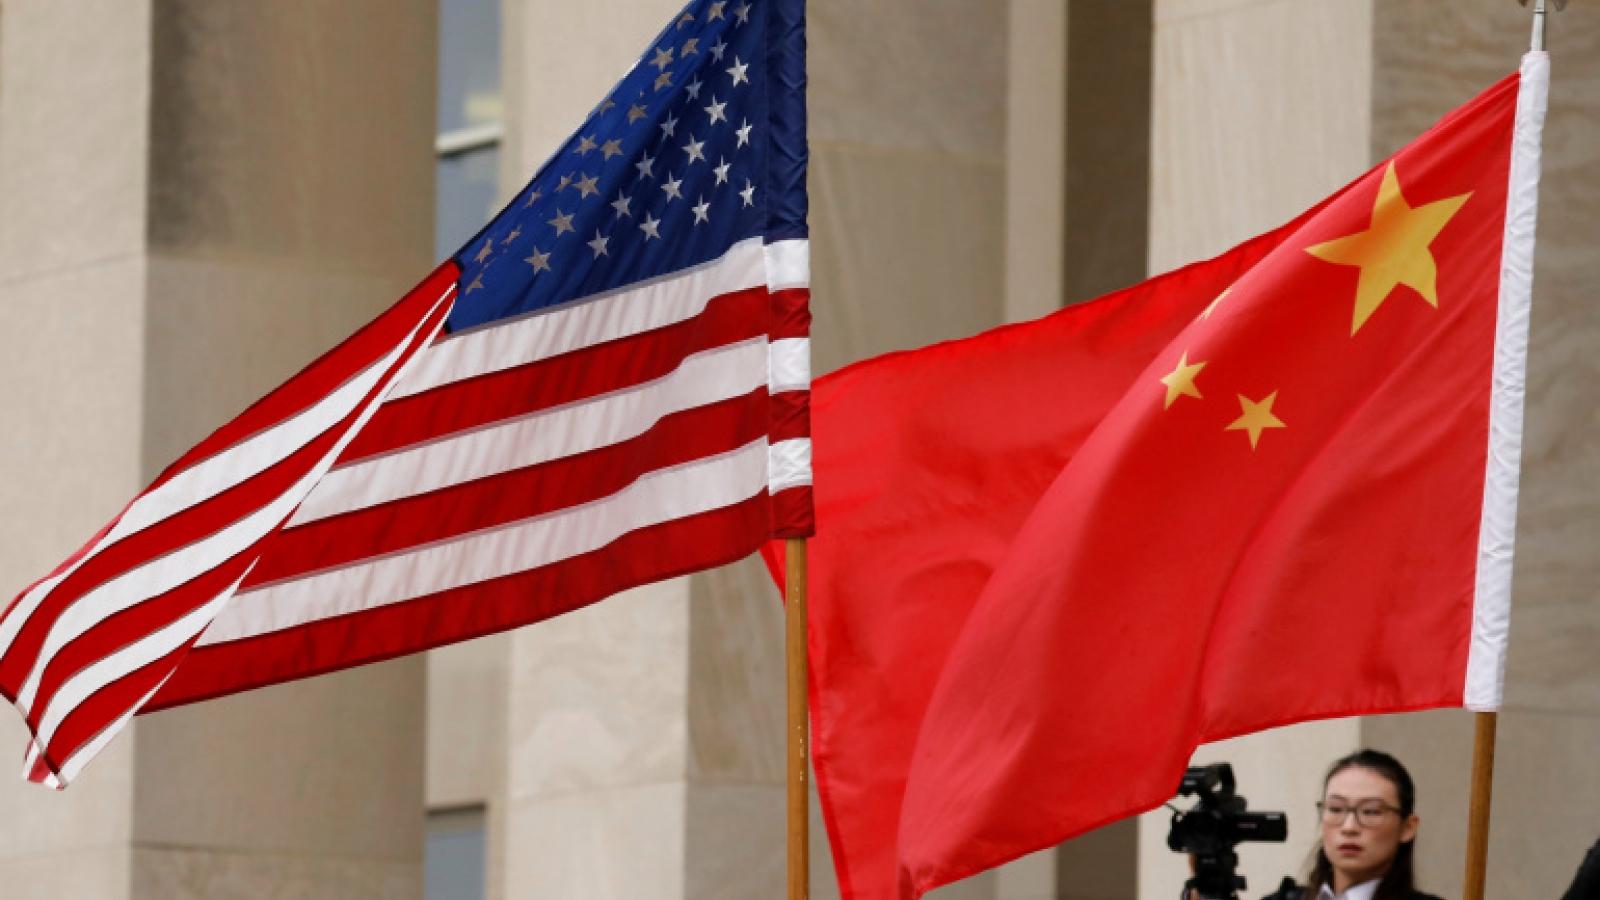 Nỗ lực của Mỹ tập hợp lực lượng chống Trung Quốc liệu có hiệu quả?